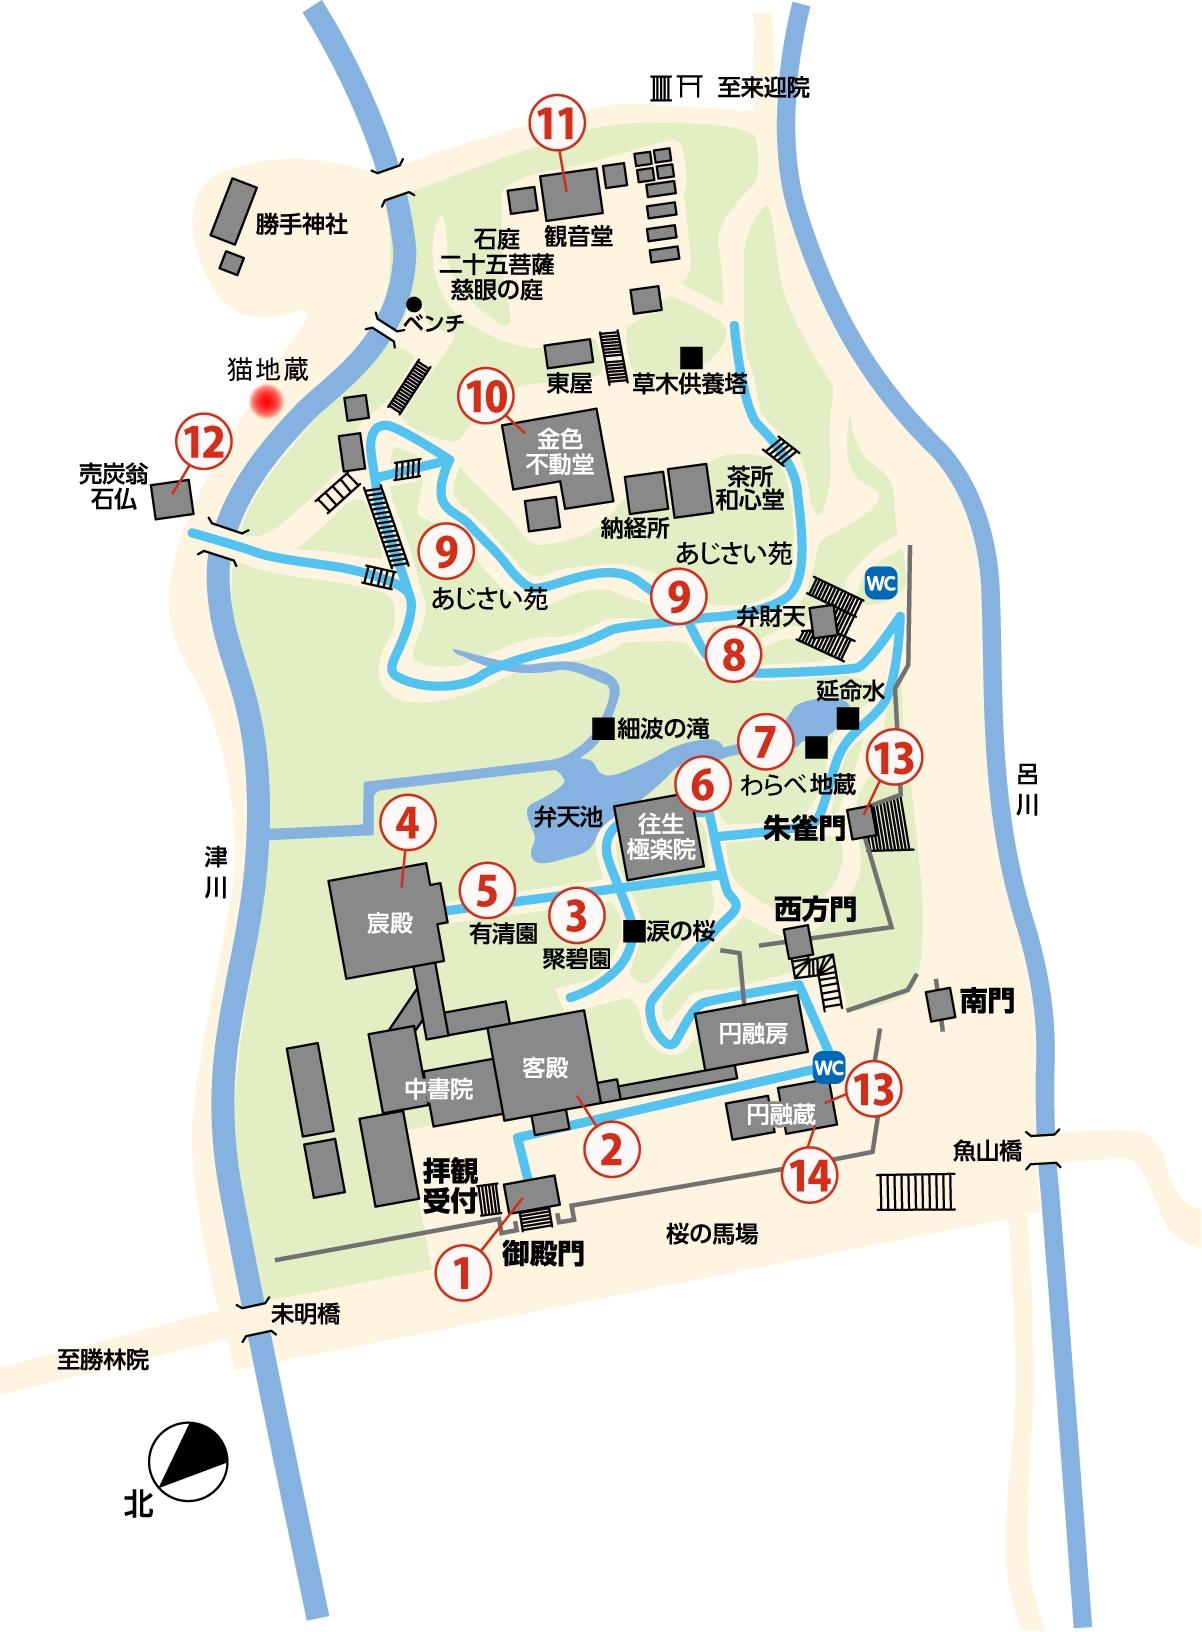 keidai-map.jpg